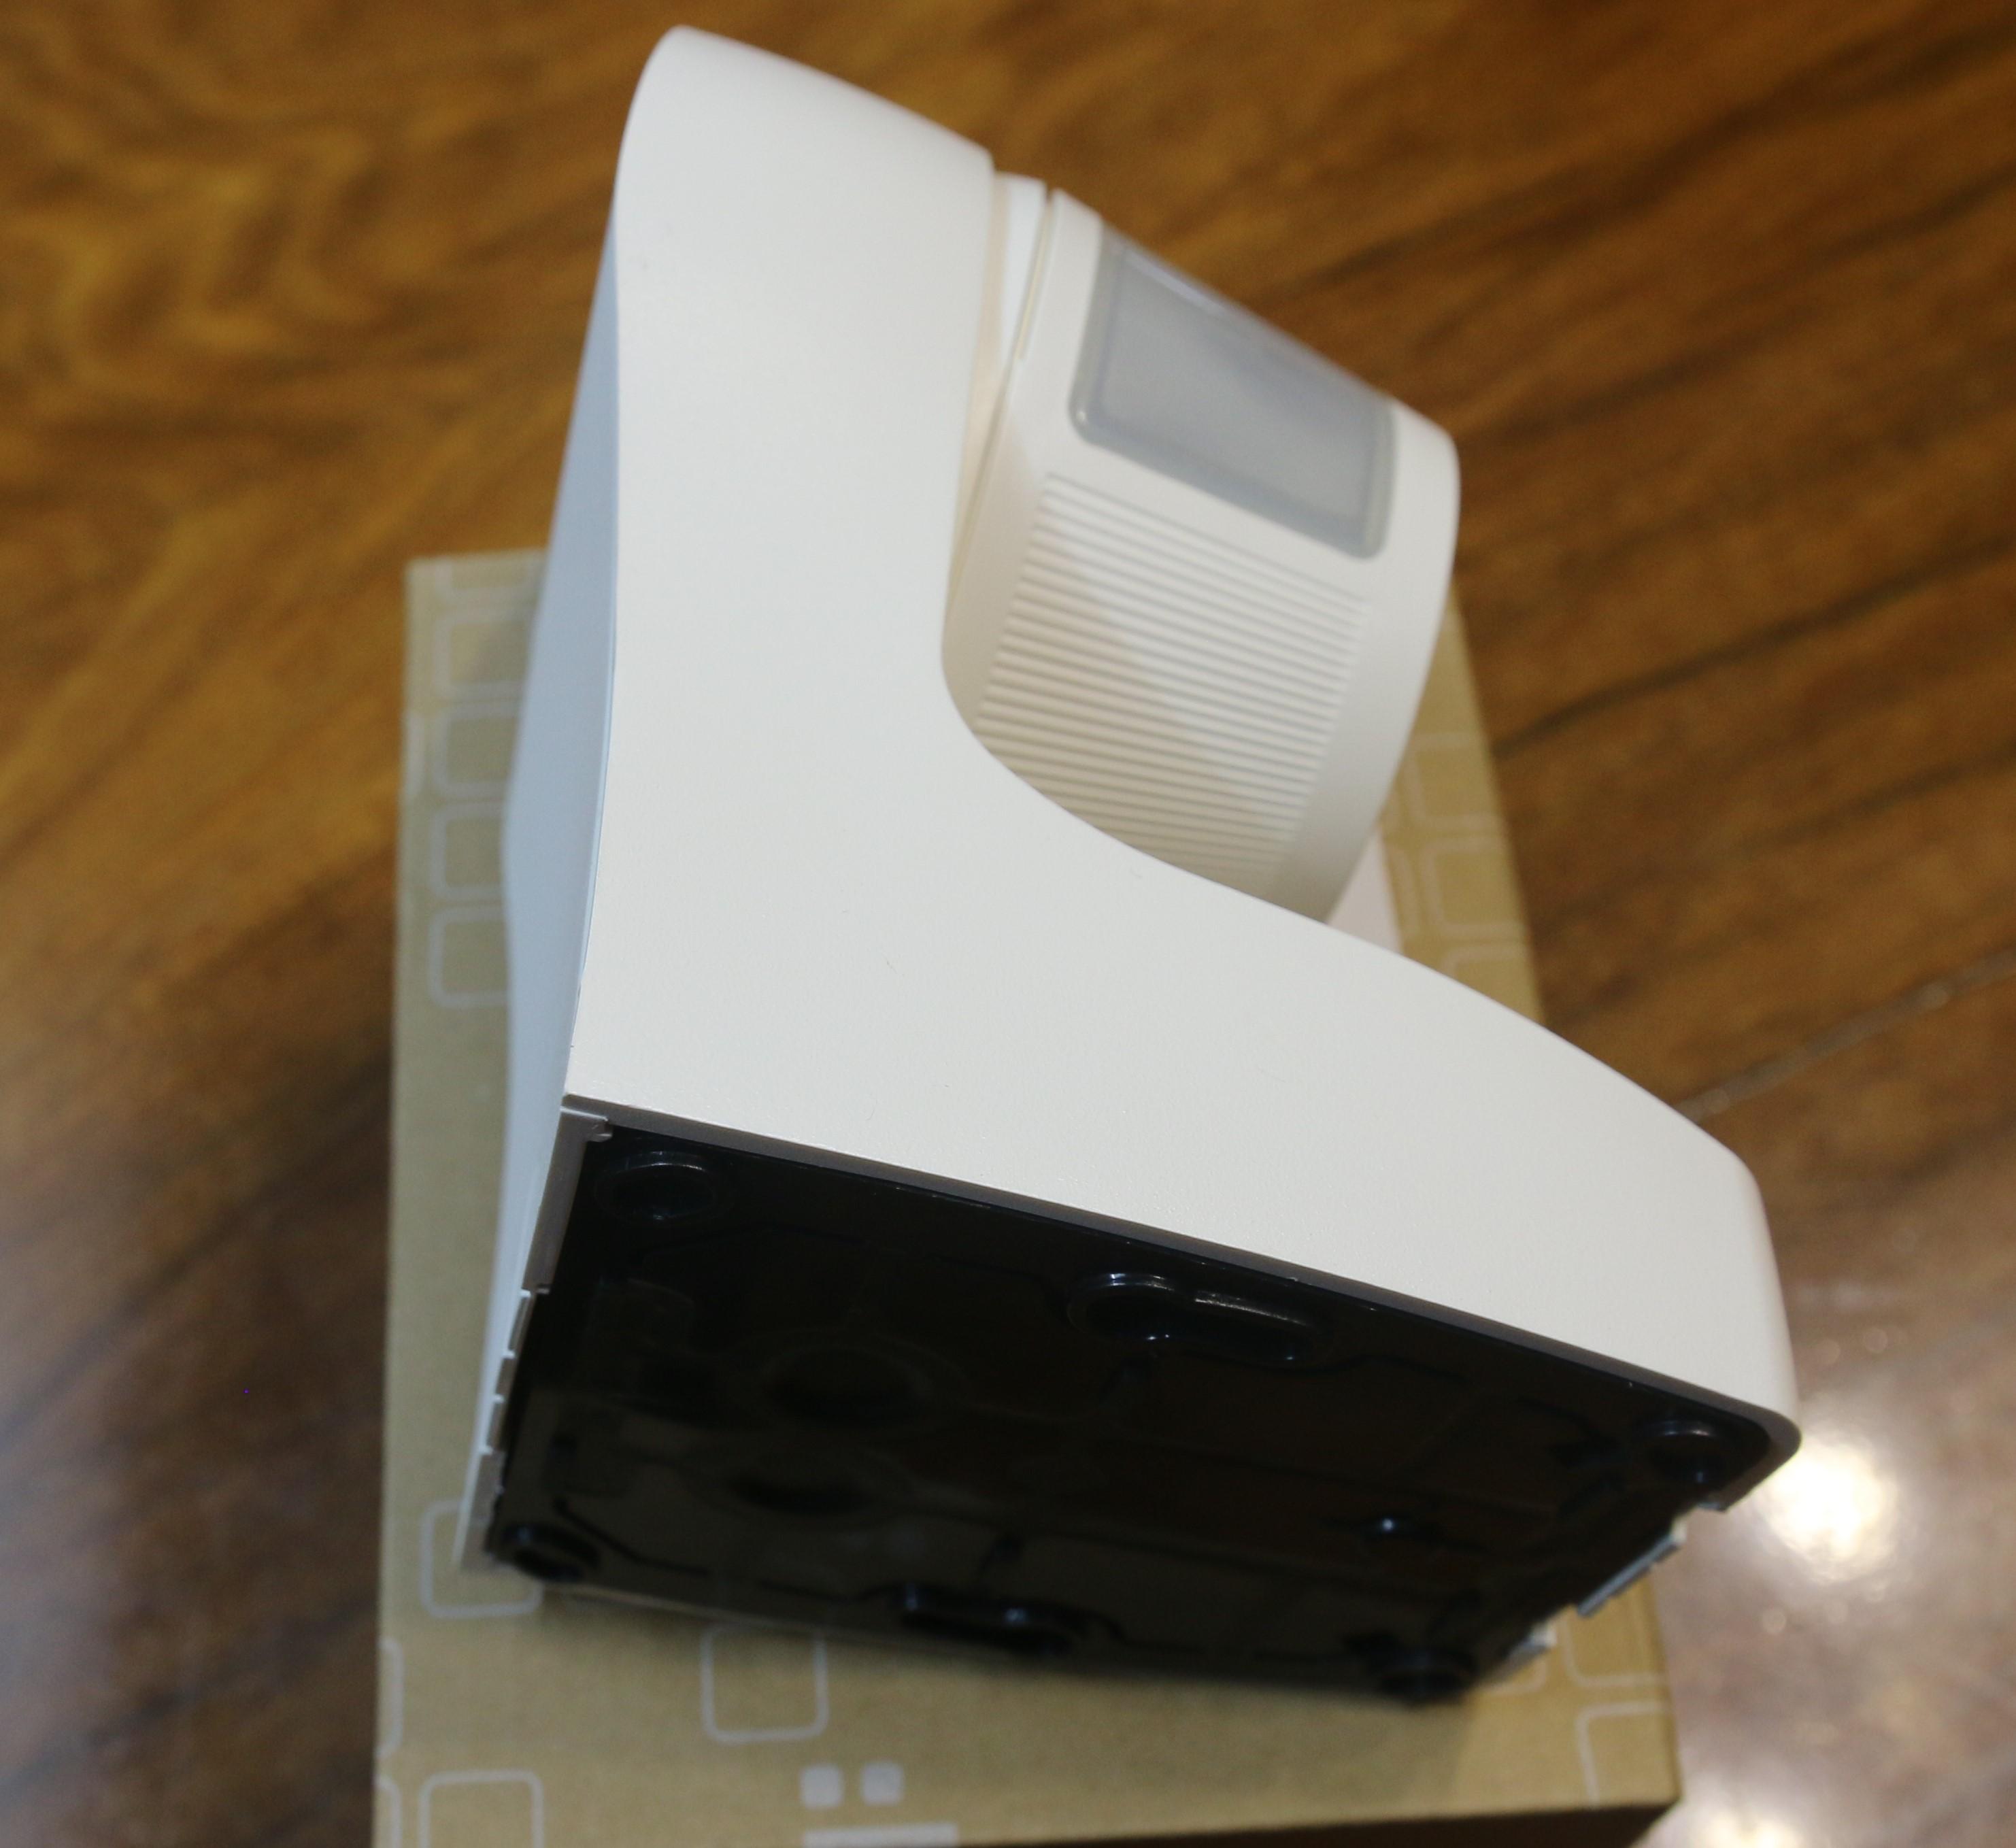 CẢM BIẾN CHUYỂN ĐỘNG GẮNG TƯỜNG EE830 - HAGER - PHÁP, Loại cảm biến dùng cho chiếu sáng tự động, báo động. Thiết kế nhỏ gọn phù hợp mọi không gian, tầm quét rộnh đảm bảo cho không gian sử dụng rộng